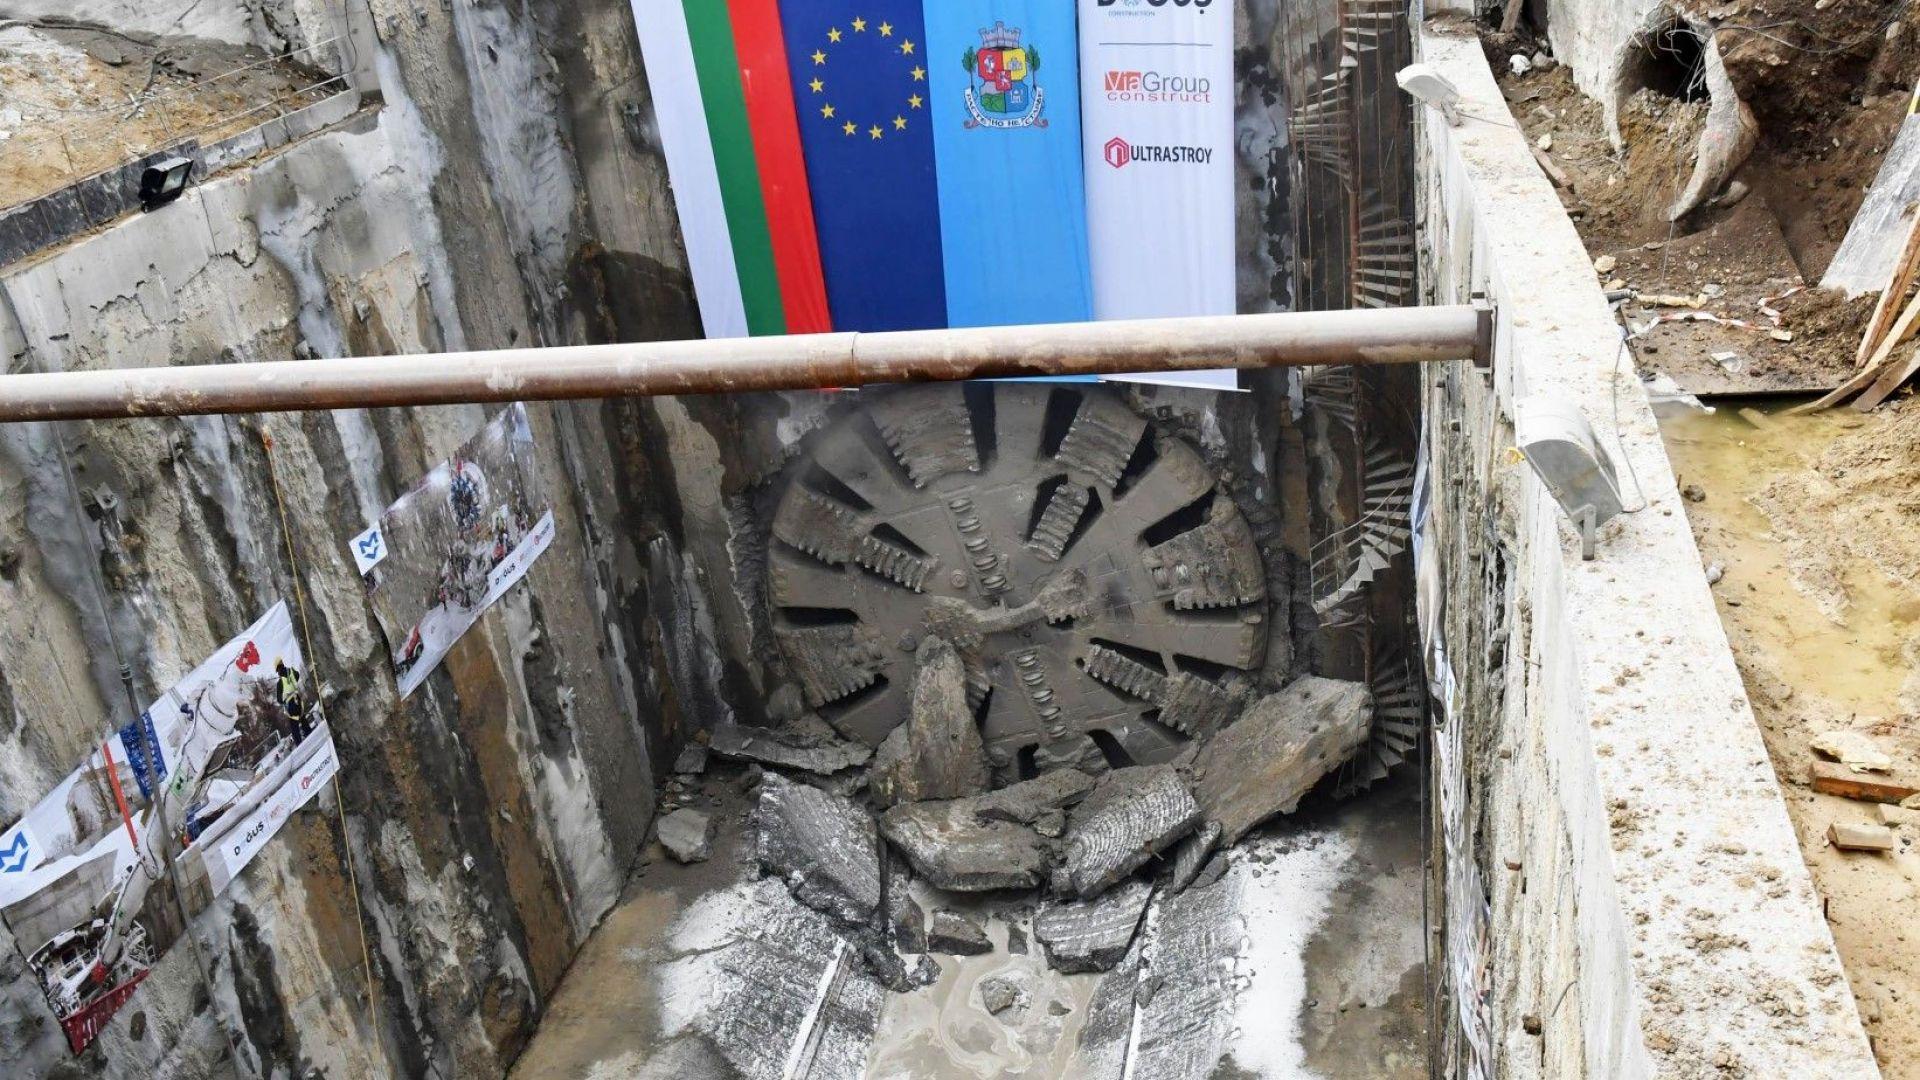 Тунелопробивната машина излезе при Малък градски театър